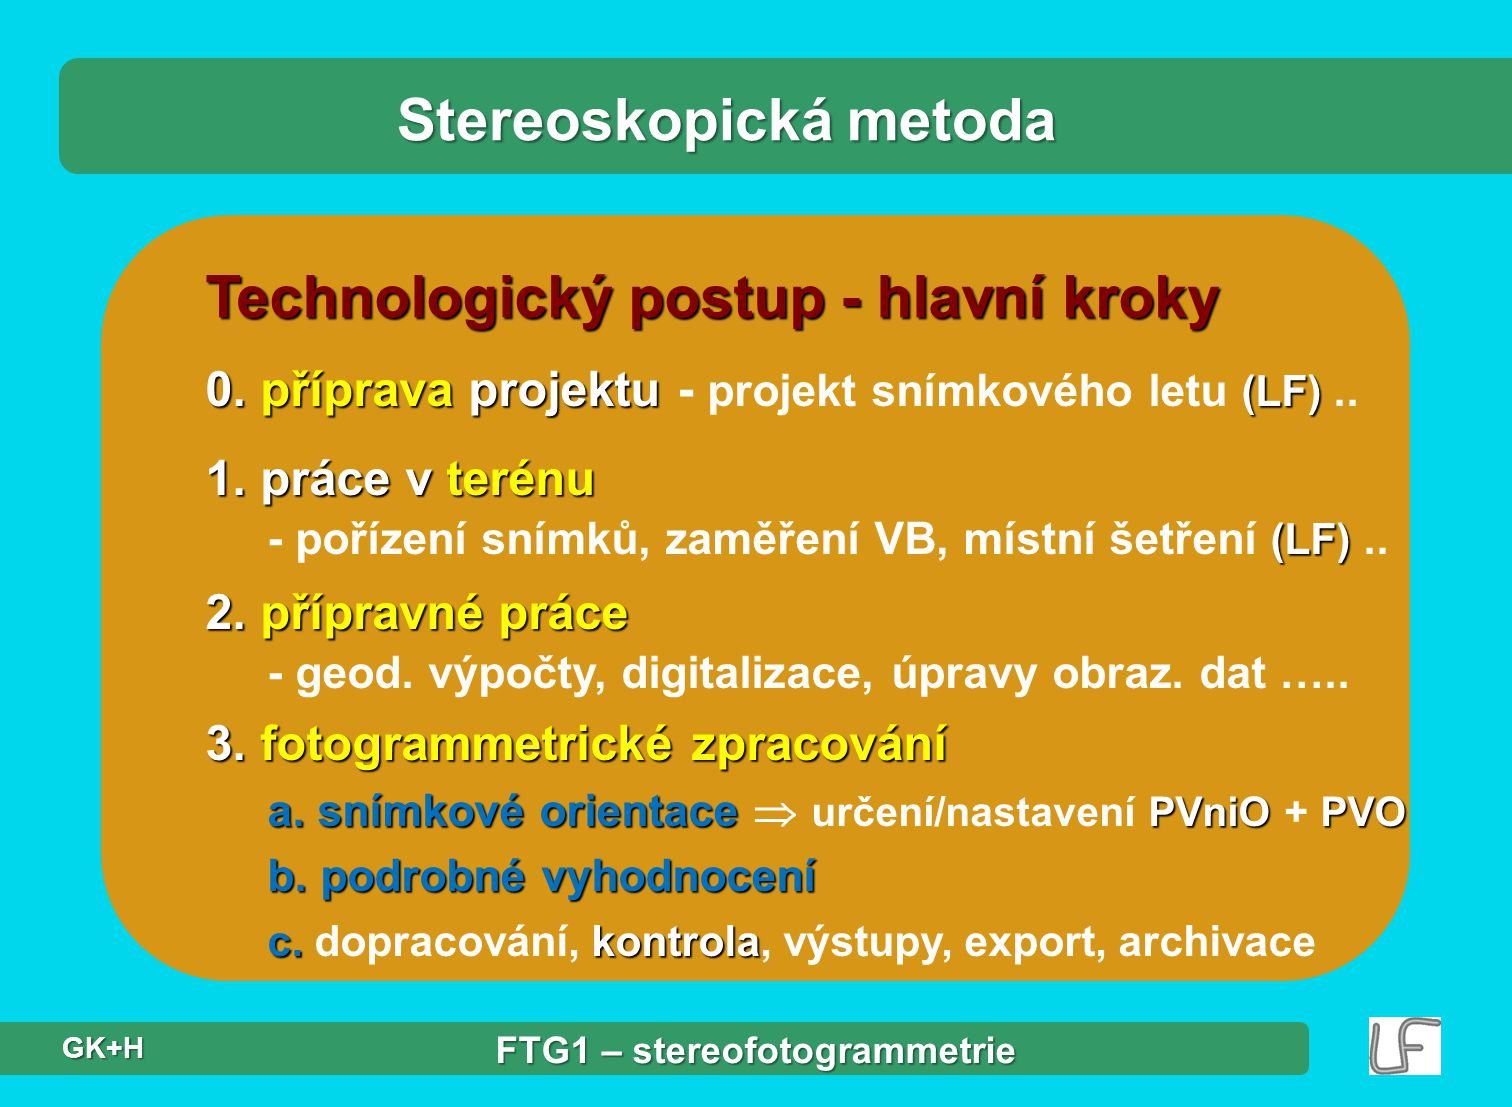 Shrnutí,, Stereofotogrammetrie - přirozený a umělý stereovjem - stereofotogrammetrická metoda -snímkové orientace etapové řešení..